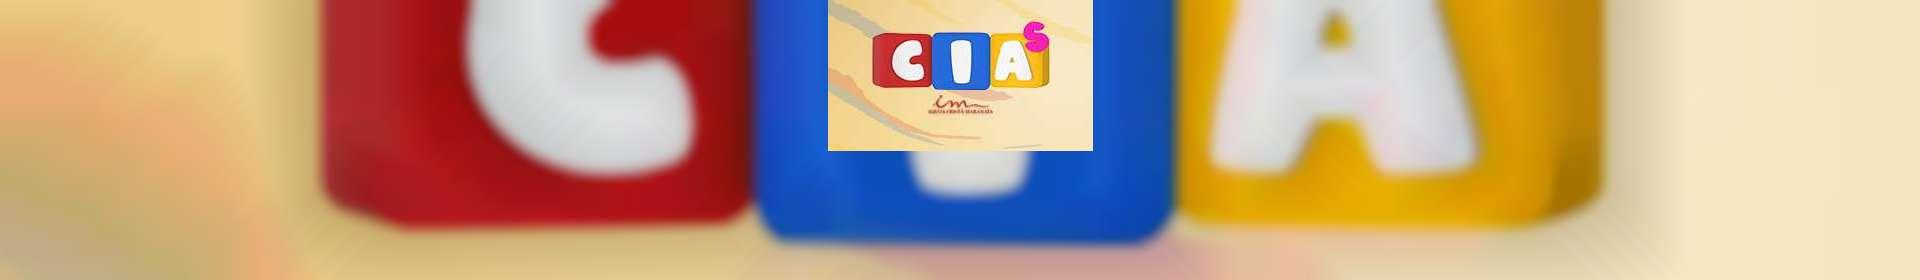 Aula de CIAS: classe de 07 a 11 anos - 11 de junho de 2020